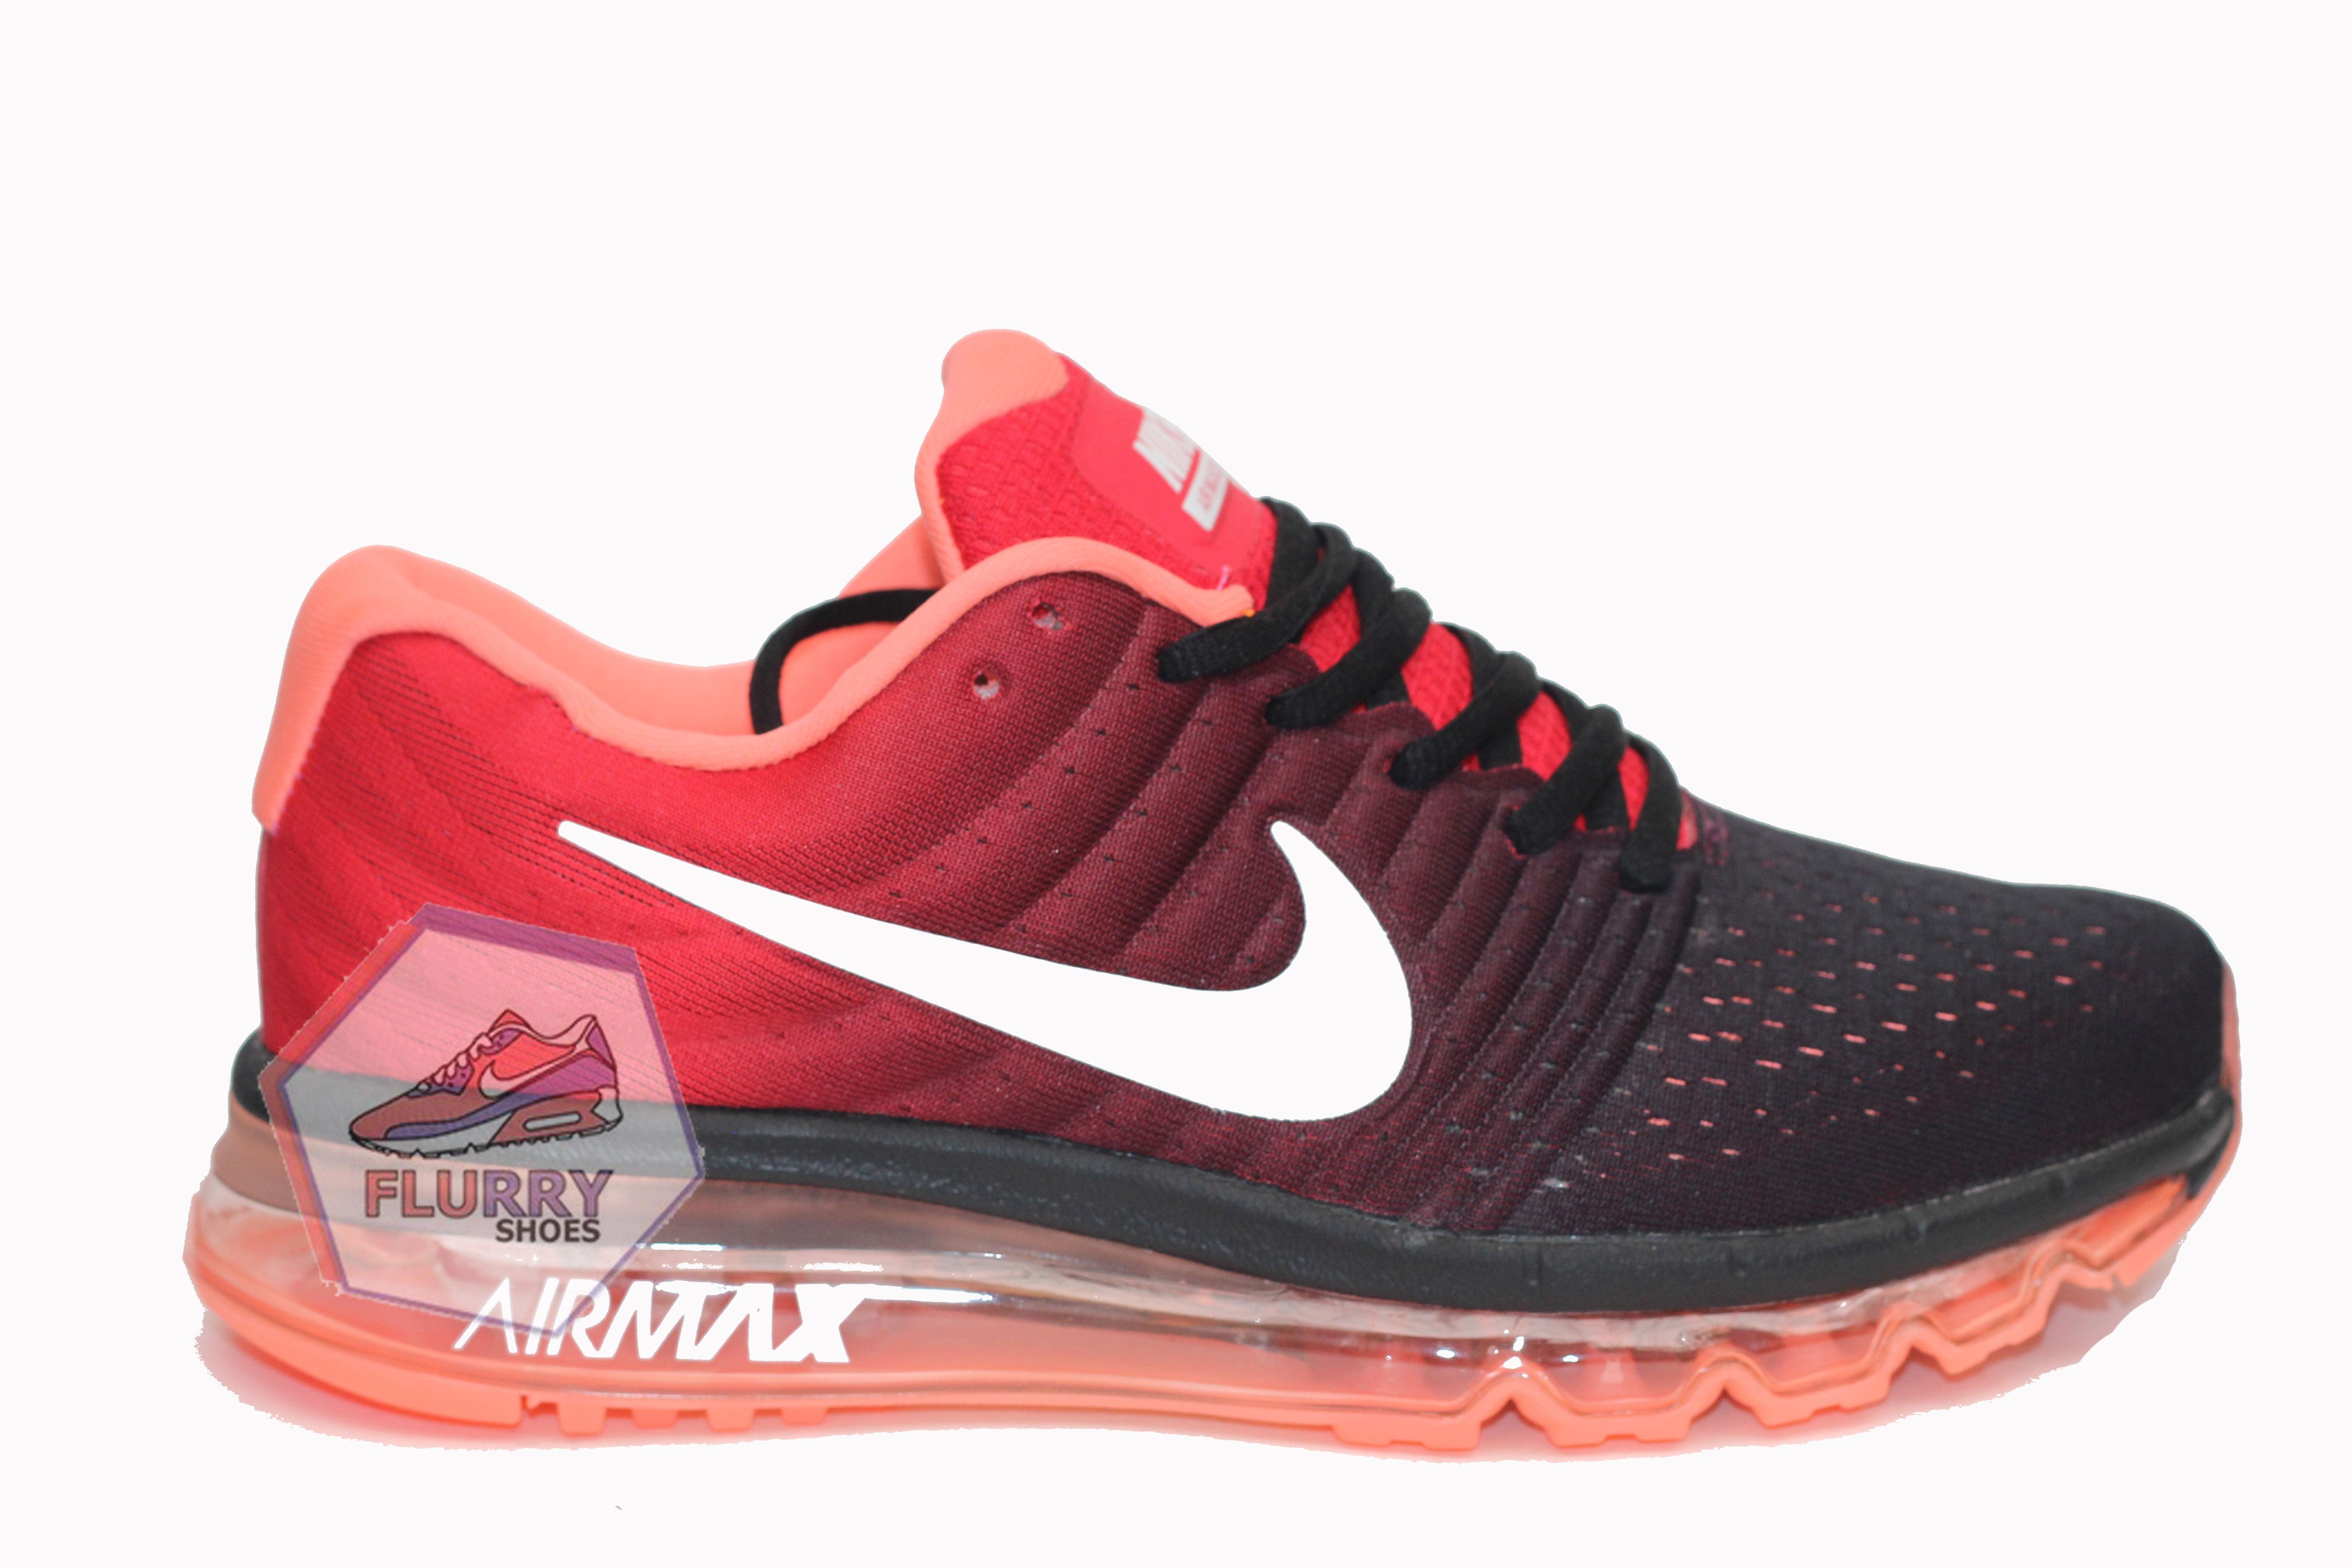 daf7270de96a Купить кроссовки Nike в Москве недорого.